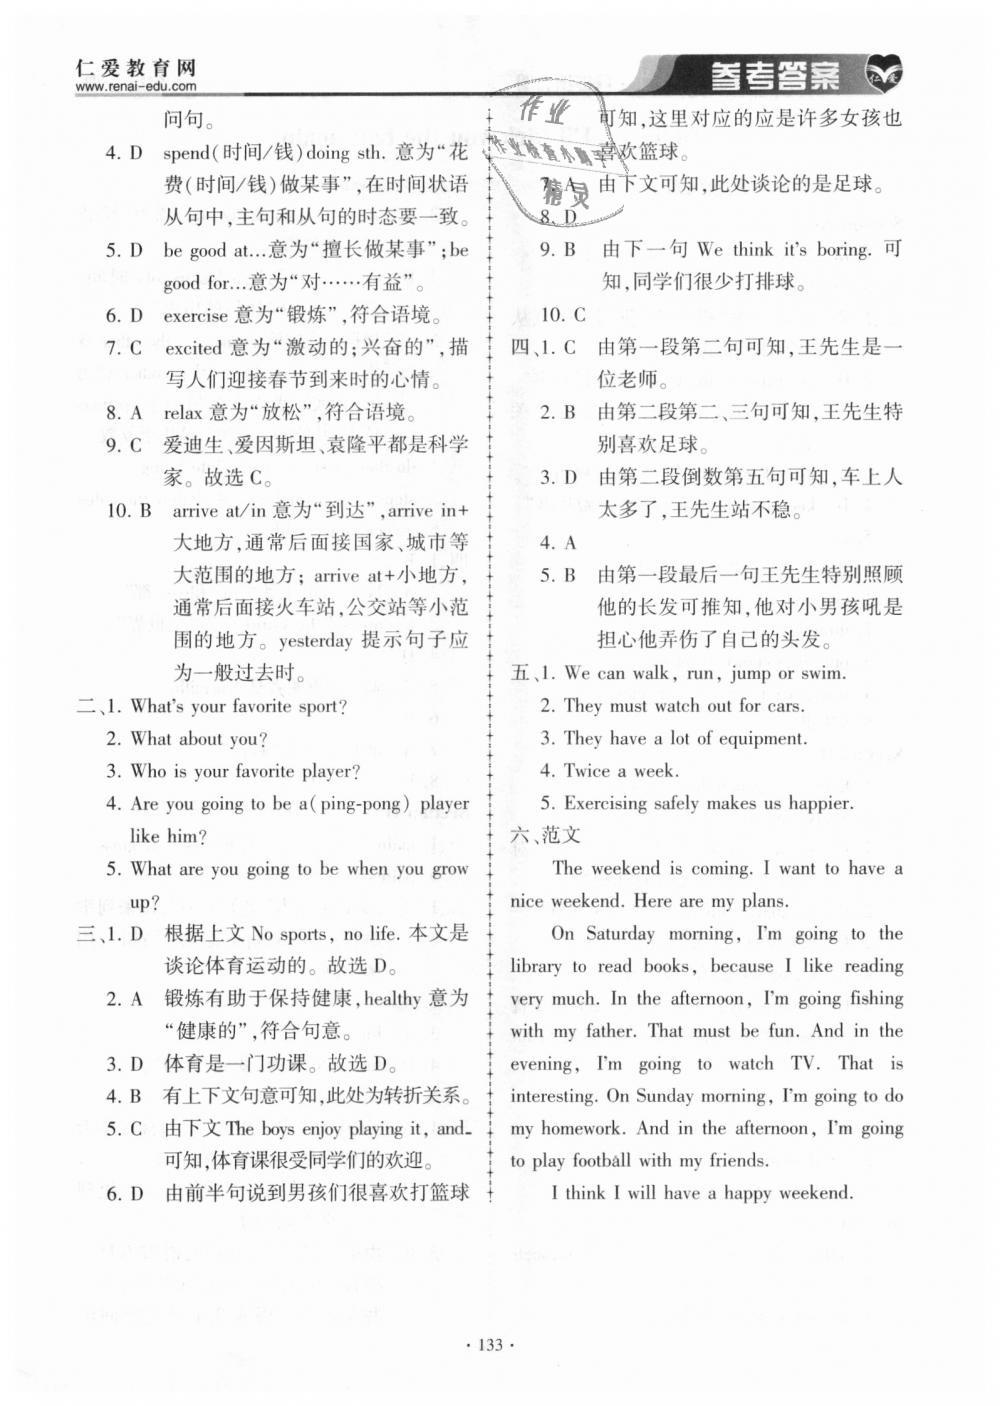 2018年仁爱英语同步练习册八年级上册E第3页